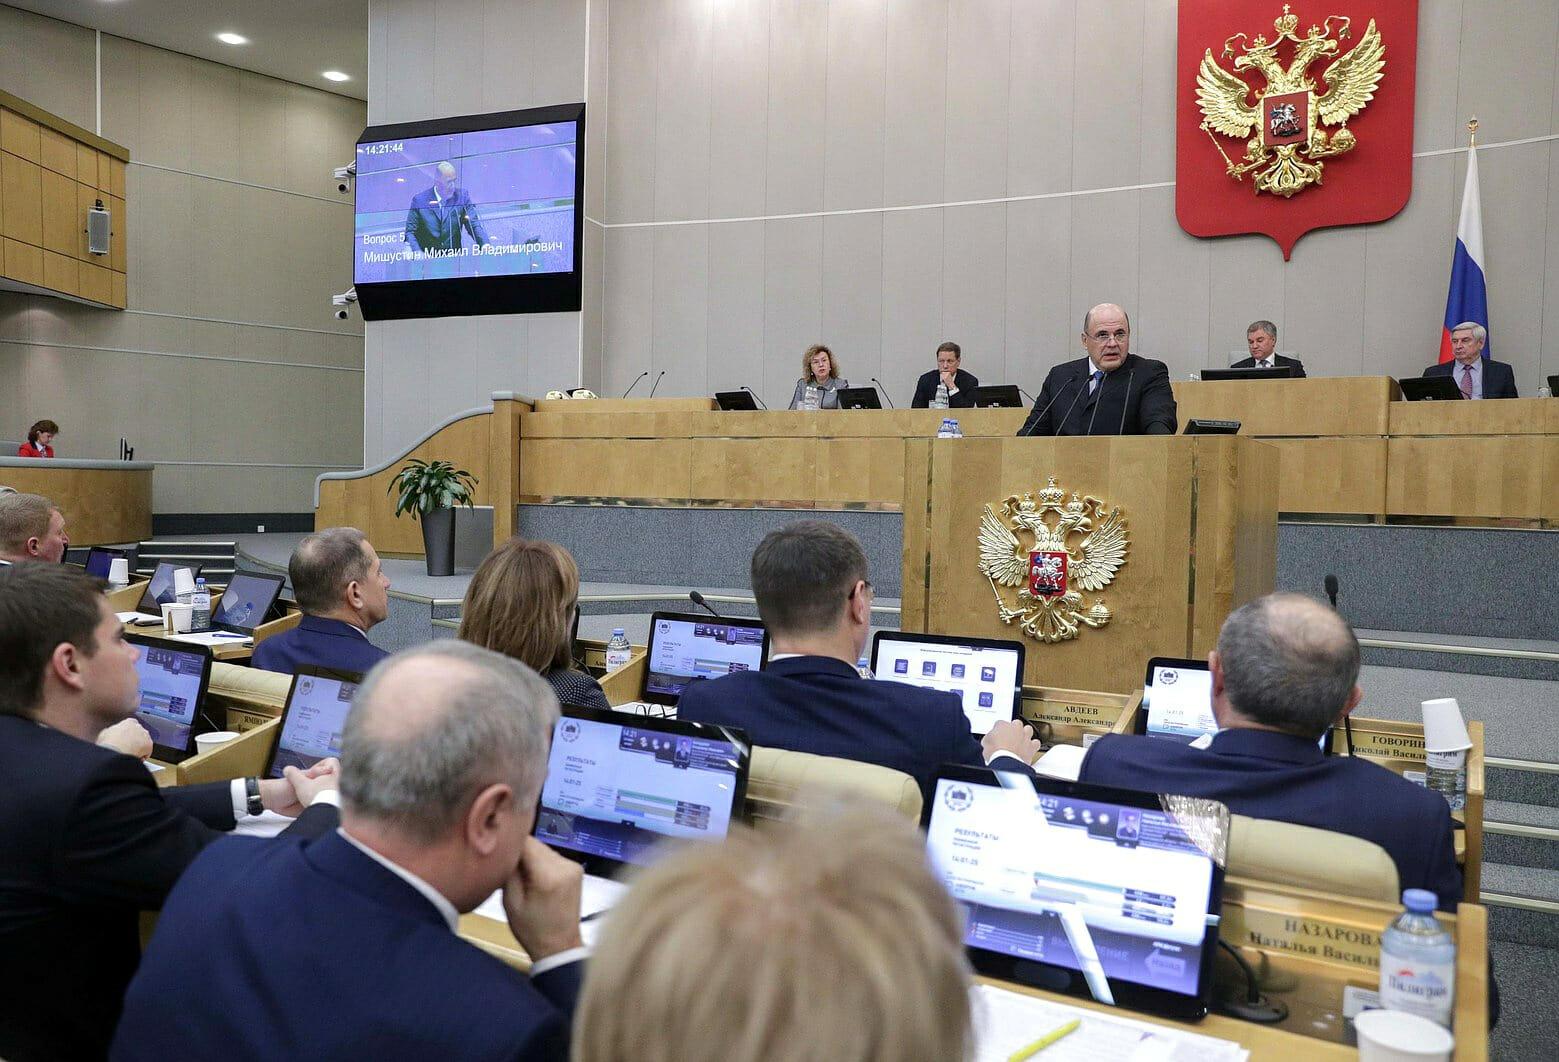 Ρωσία: Η Δούμα ψήφισε υπέρ της αποχώρησης της Μόσχας από τη συνθήκη «Ανοικτοί Ουρανοί»